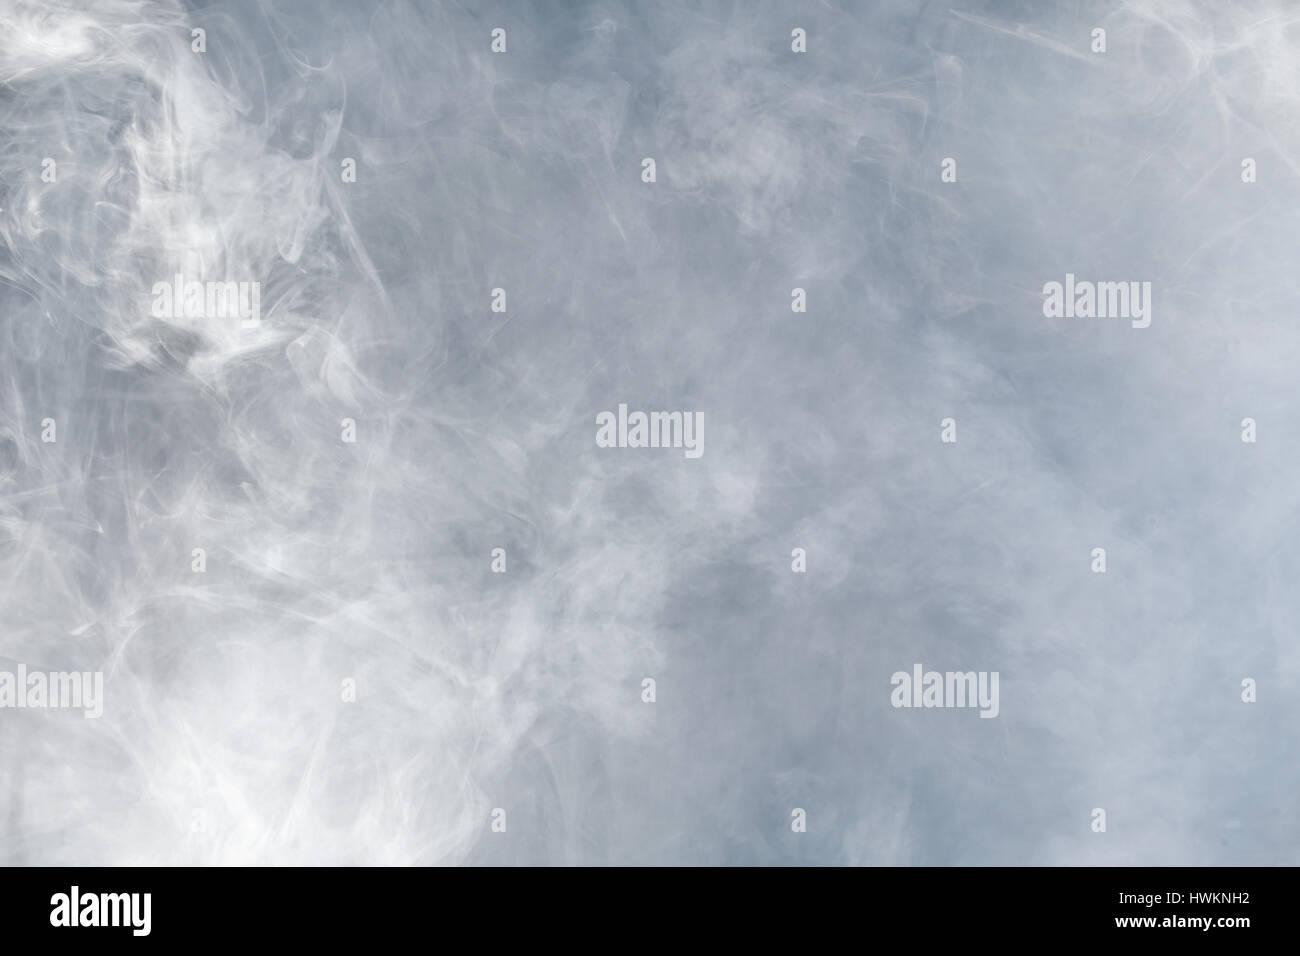 Weißer Rauch. Hintergrund und Struktur Stockbild